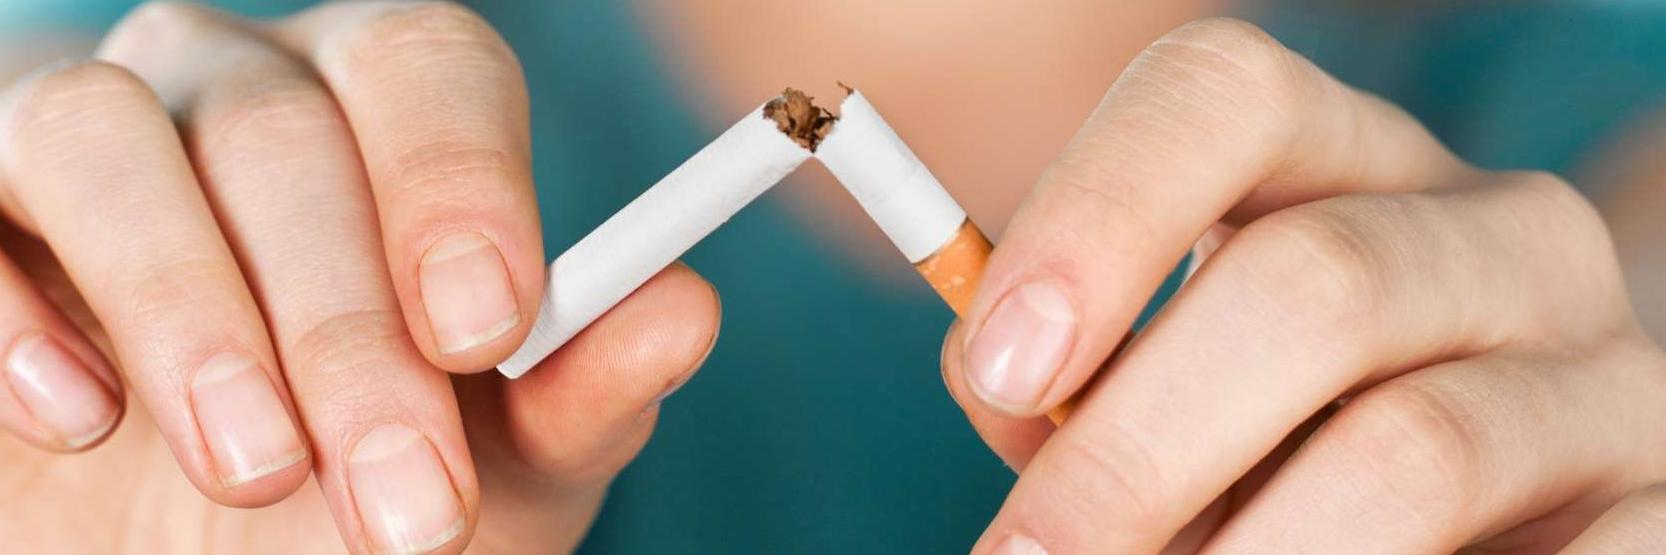 طريقة الإقلاع عن التدخين بشكل نهائي وبدون معاناة أو انتكاس